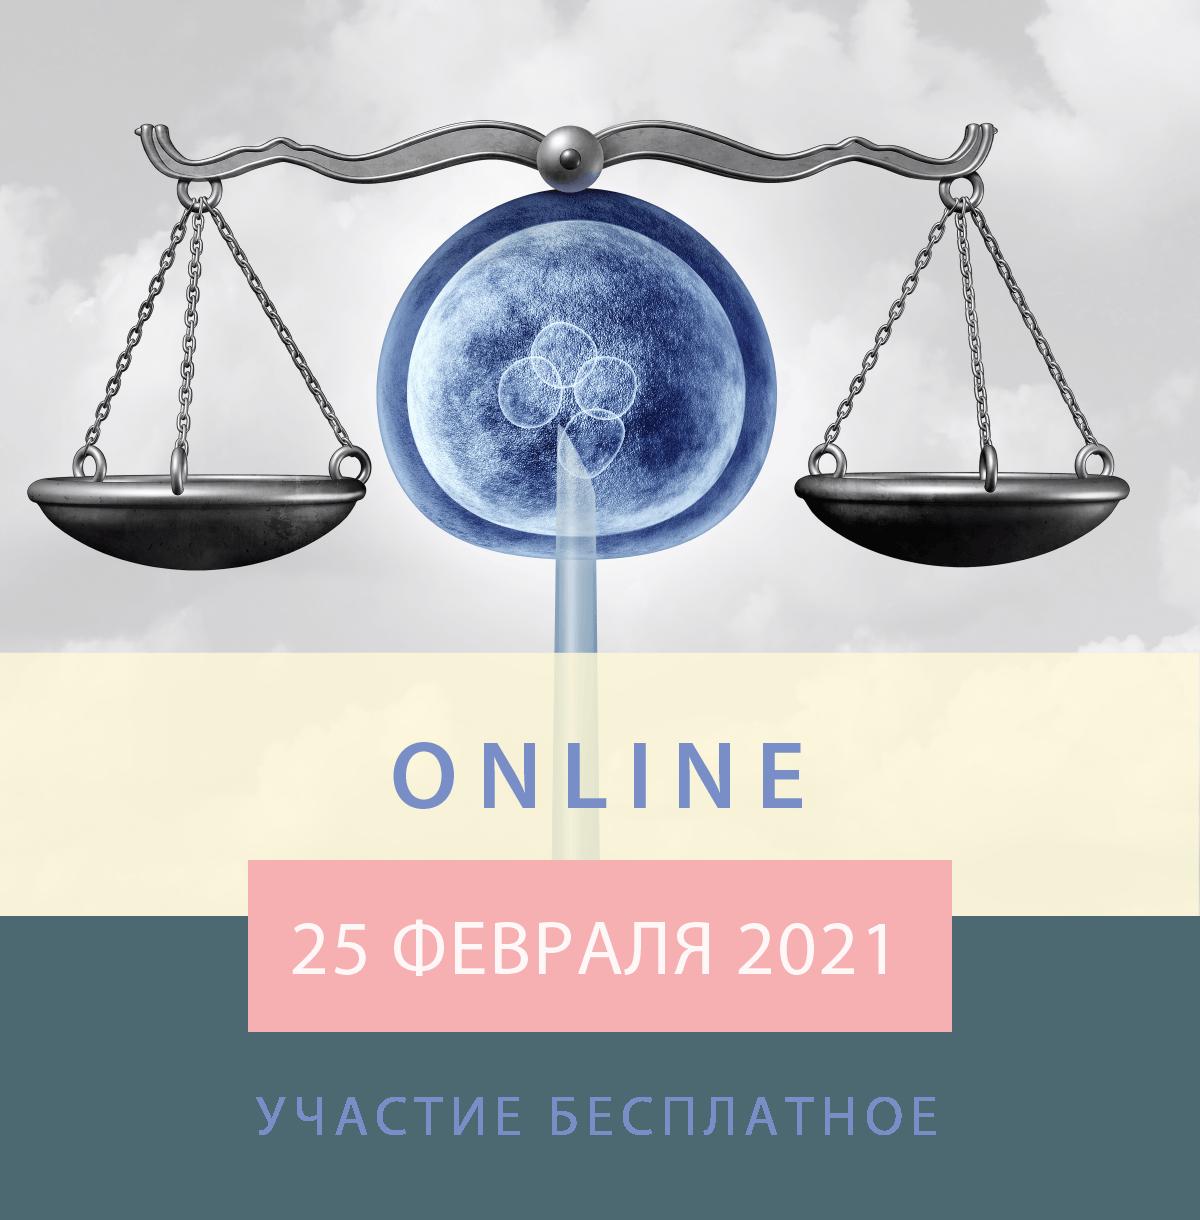 Современные подходы к репродуктивным технологиям Онлайн. 25.02.2021